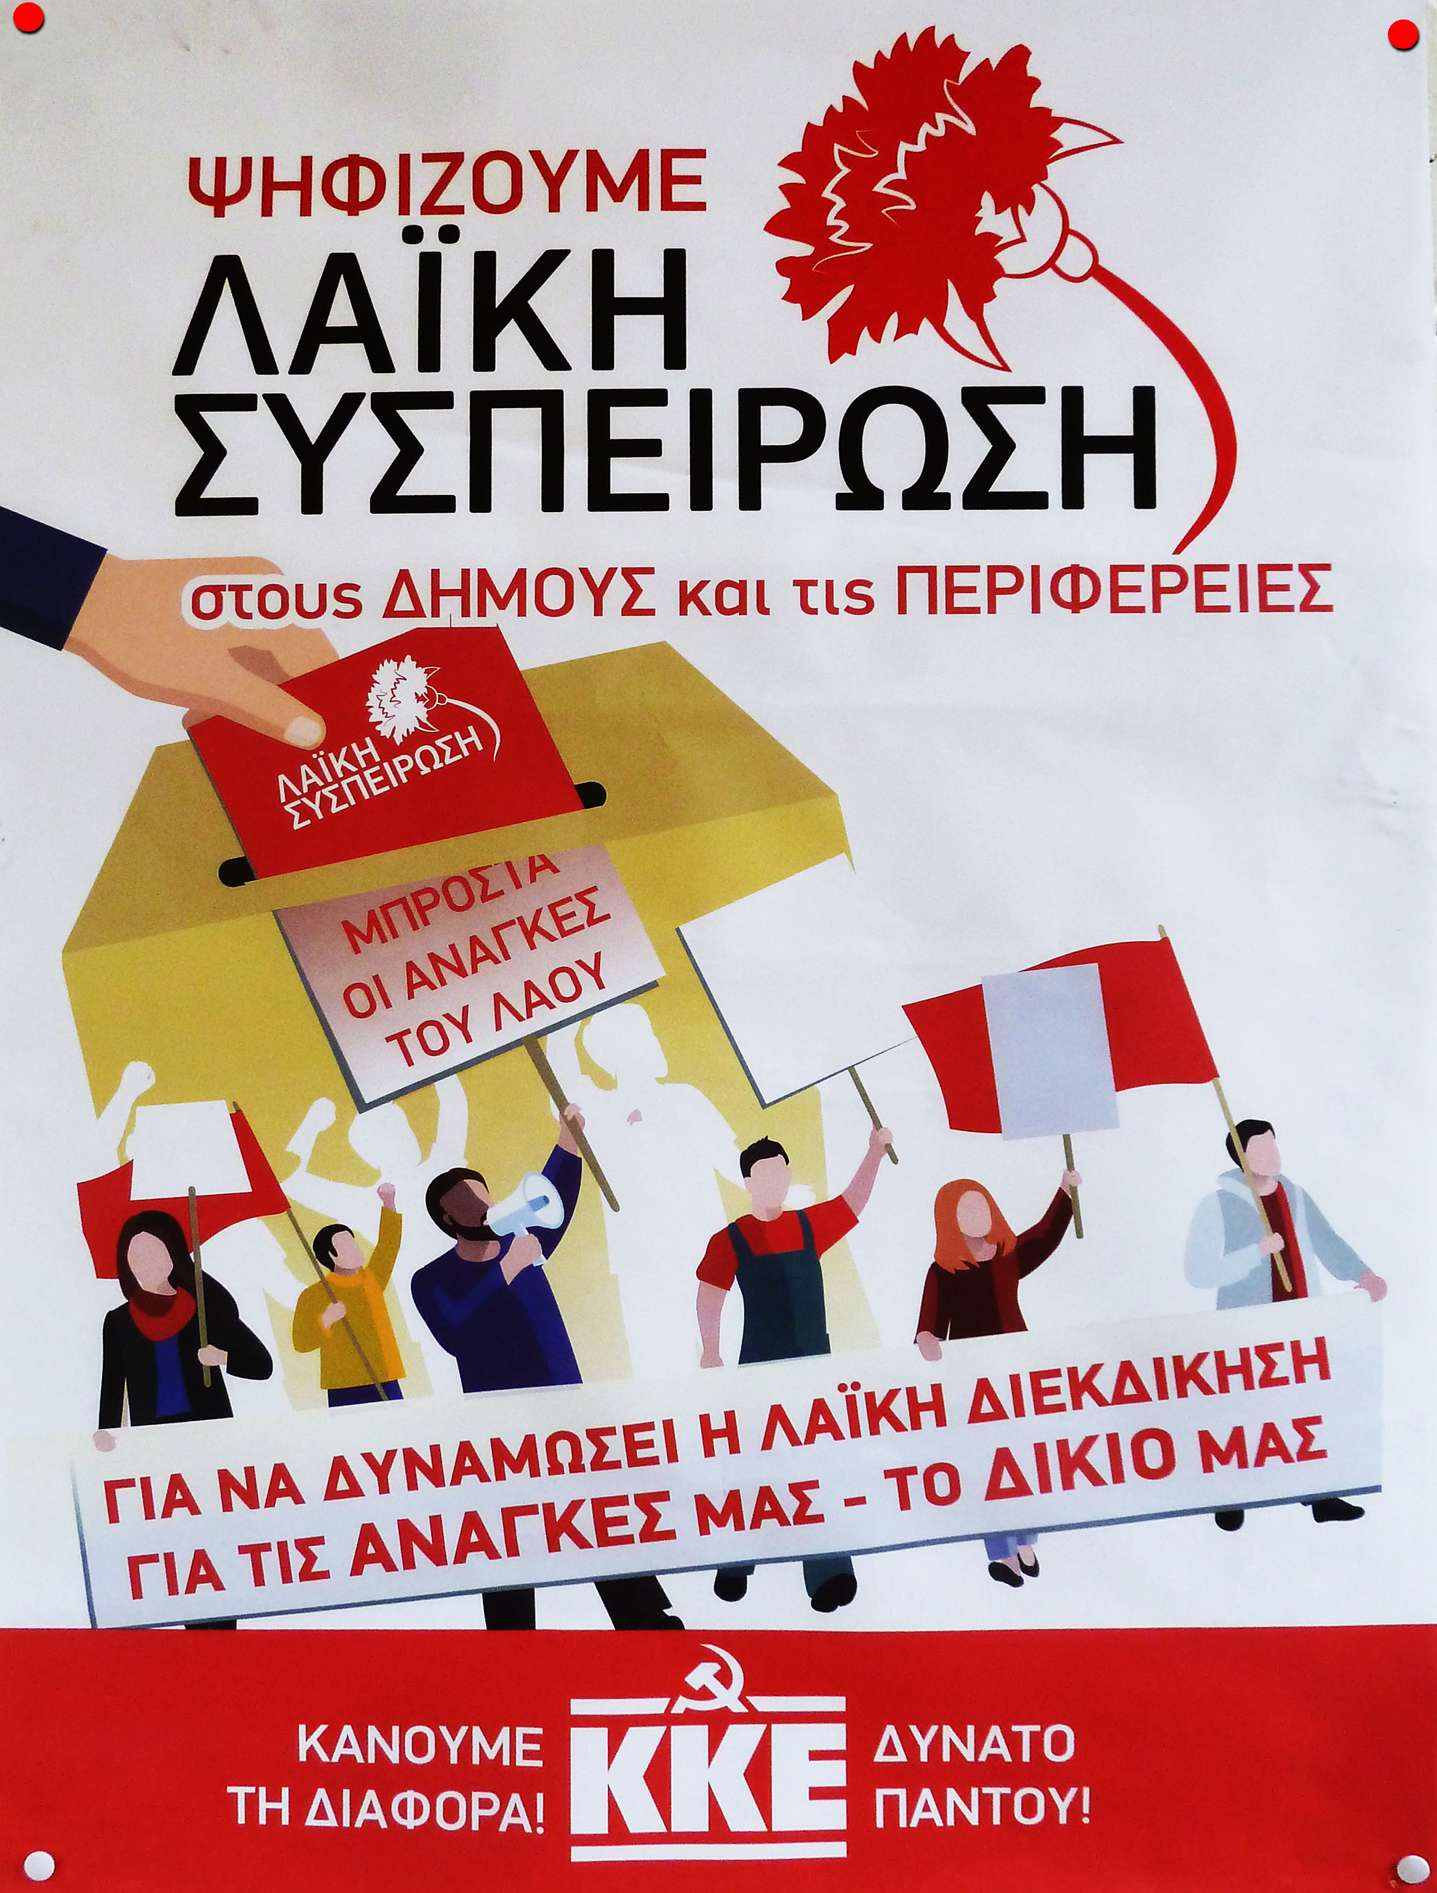 Ψηφίζουμε Λαϊκή Συσπείρωση